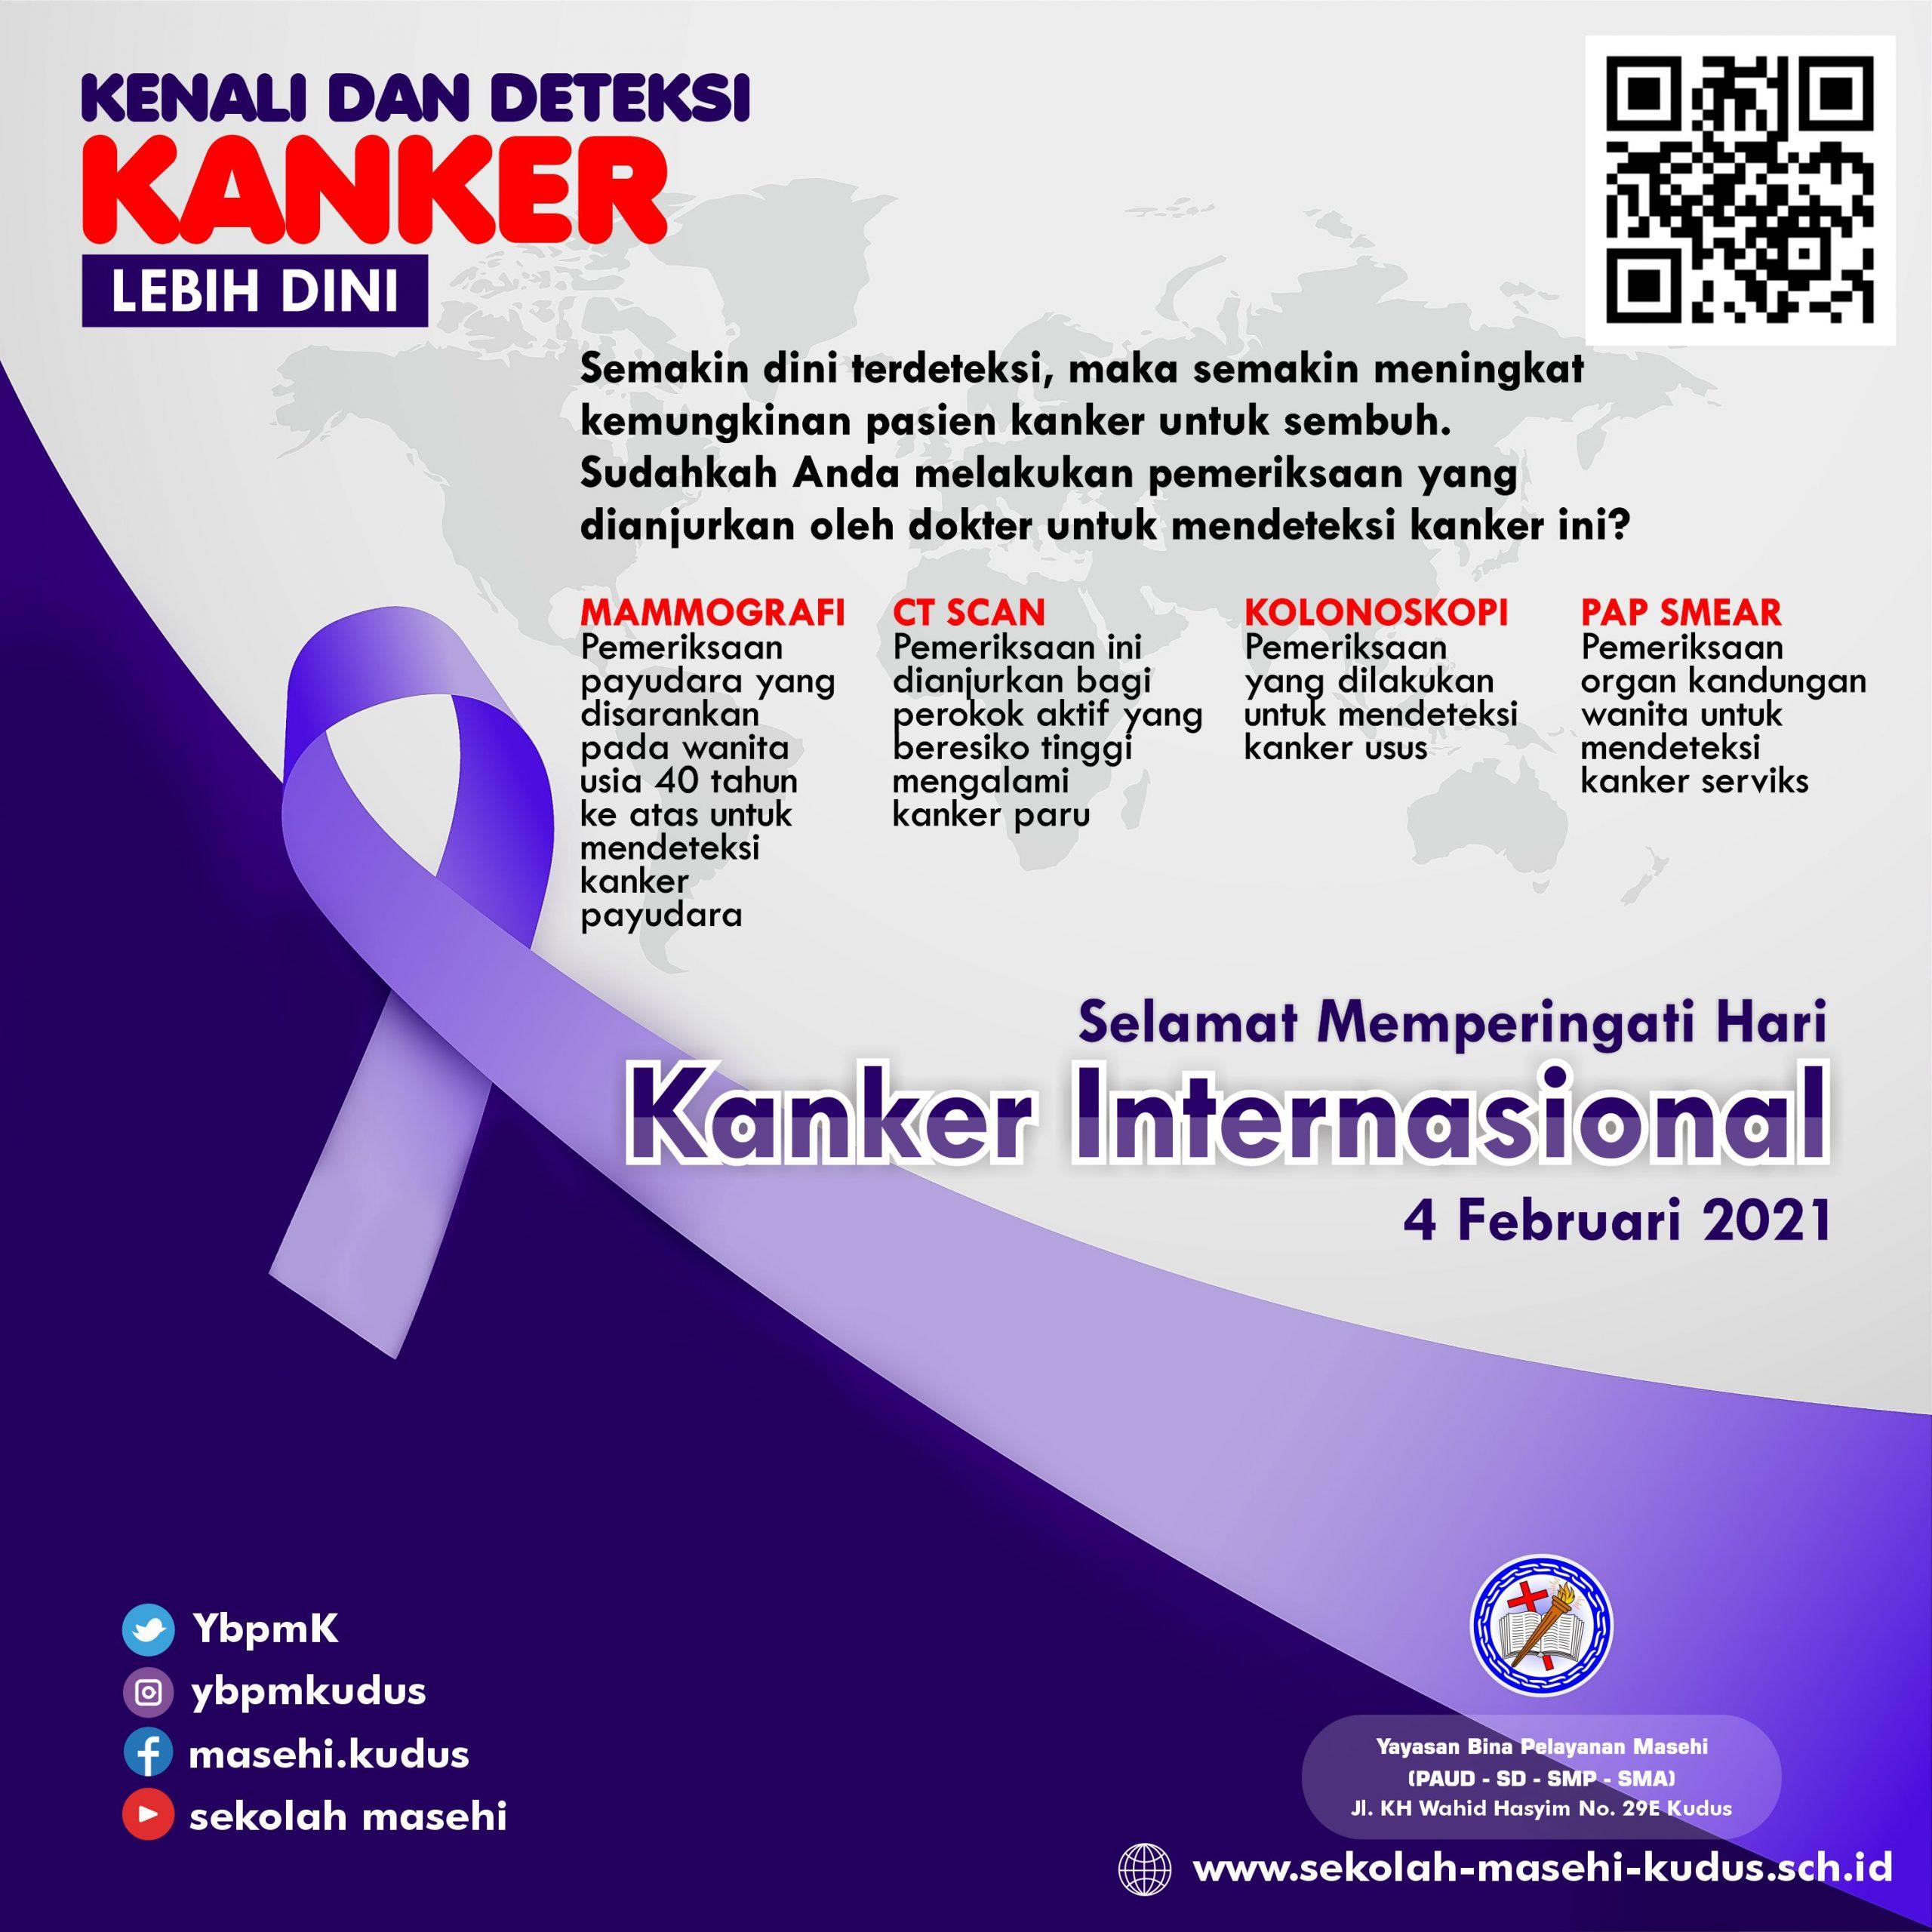 Selamat Hari Kanker Internasional